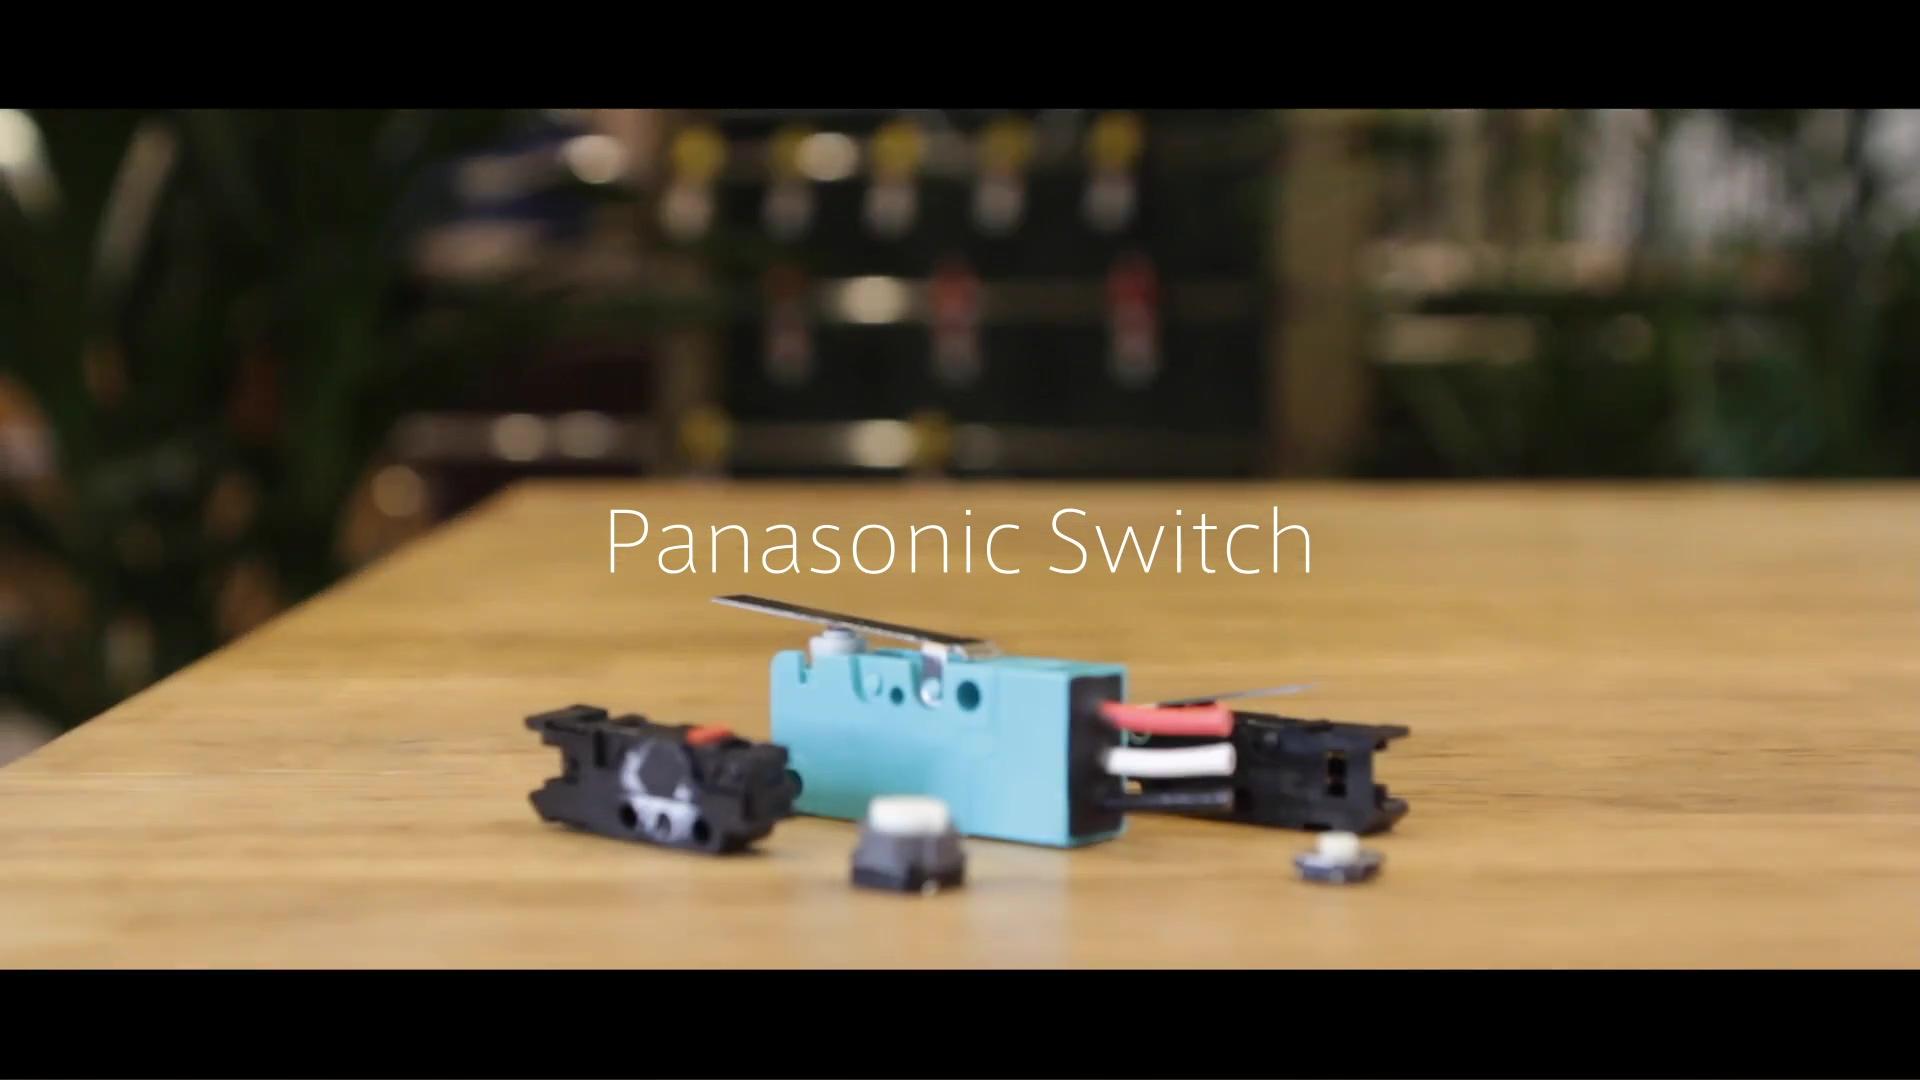 Panasonic _switch